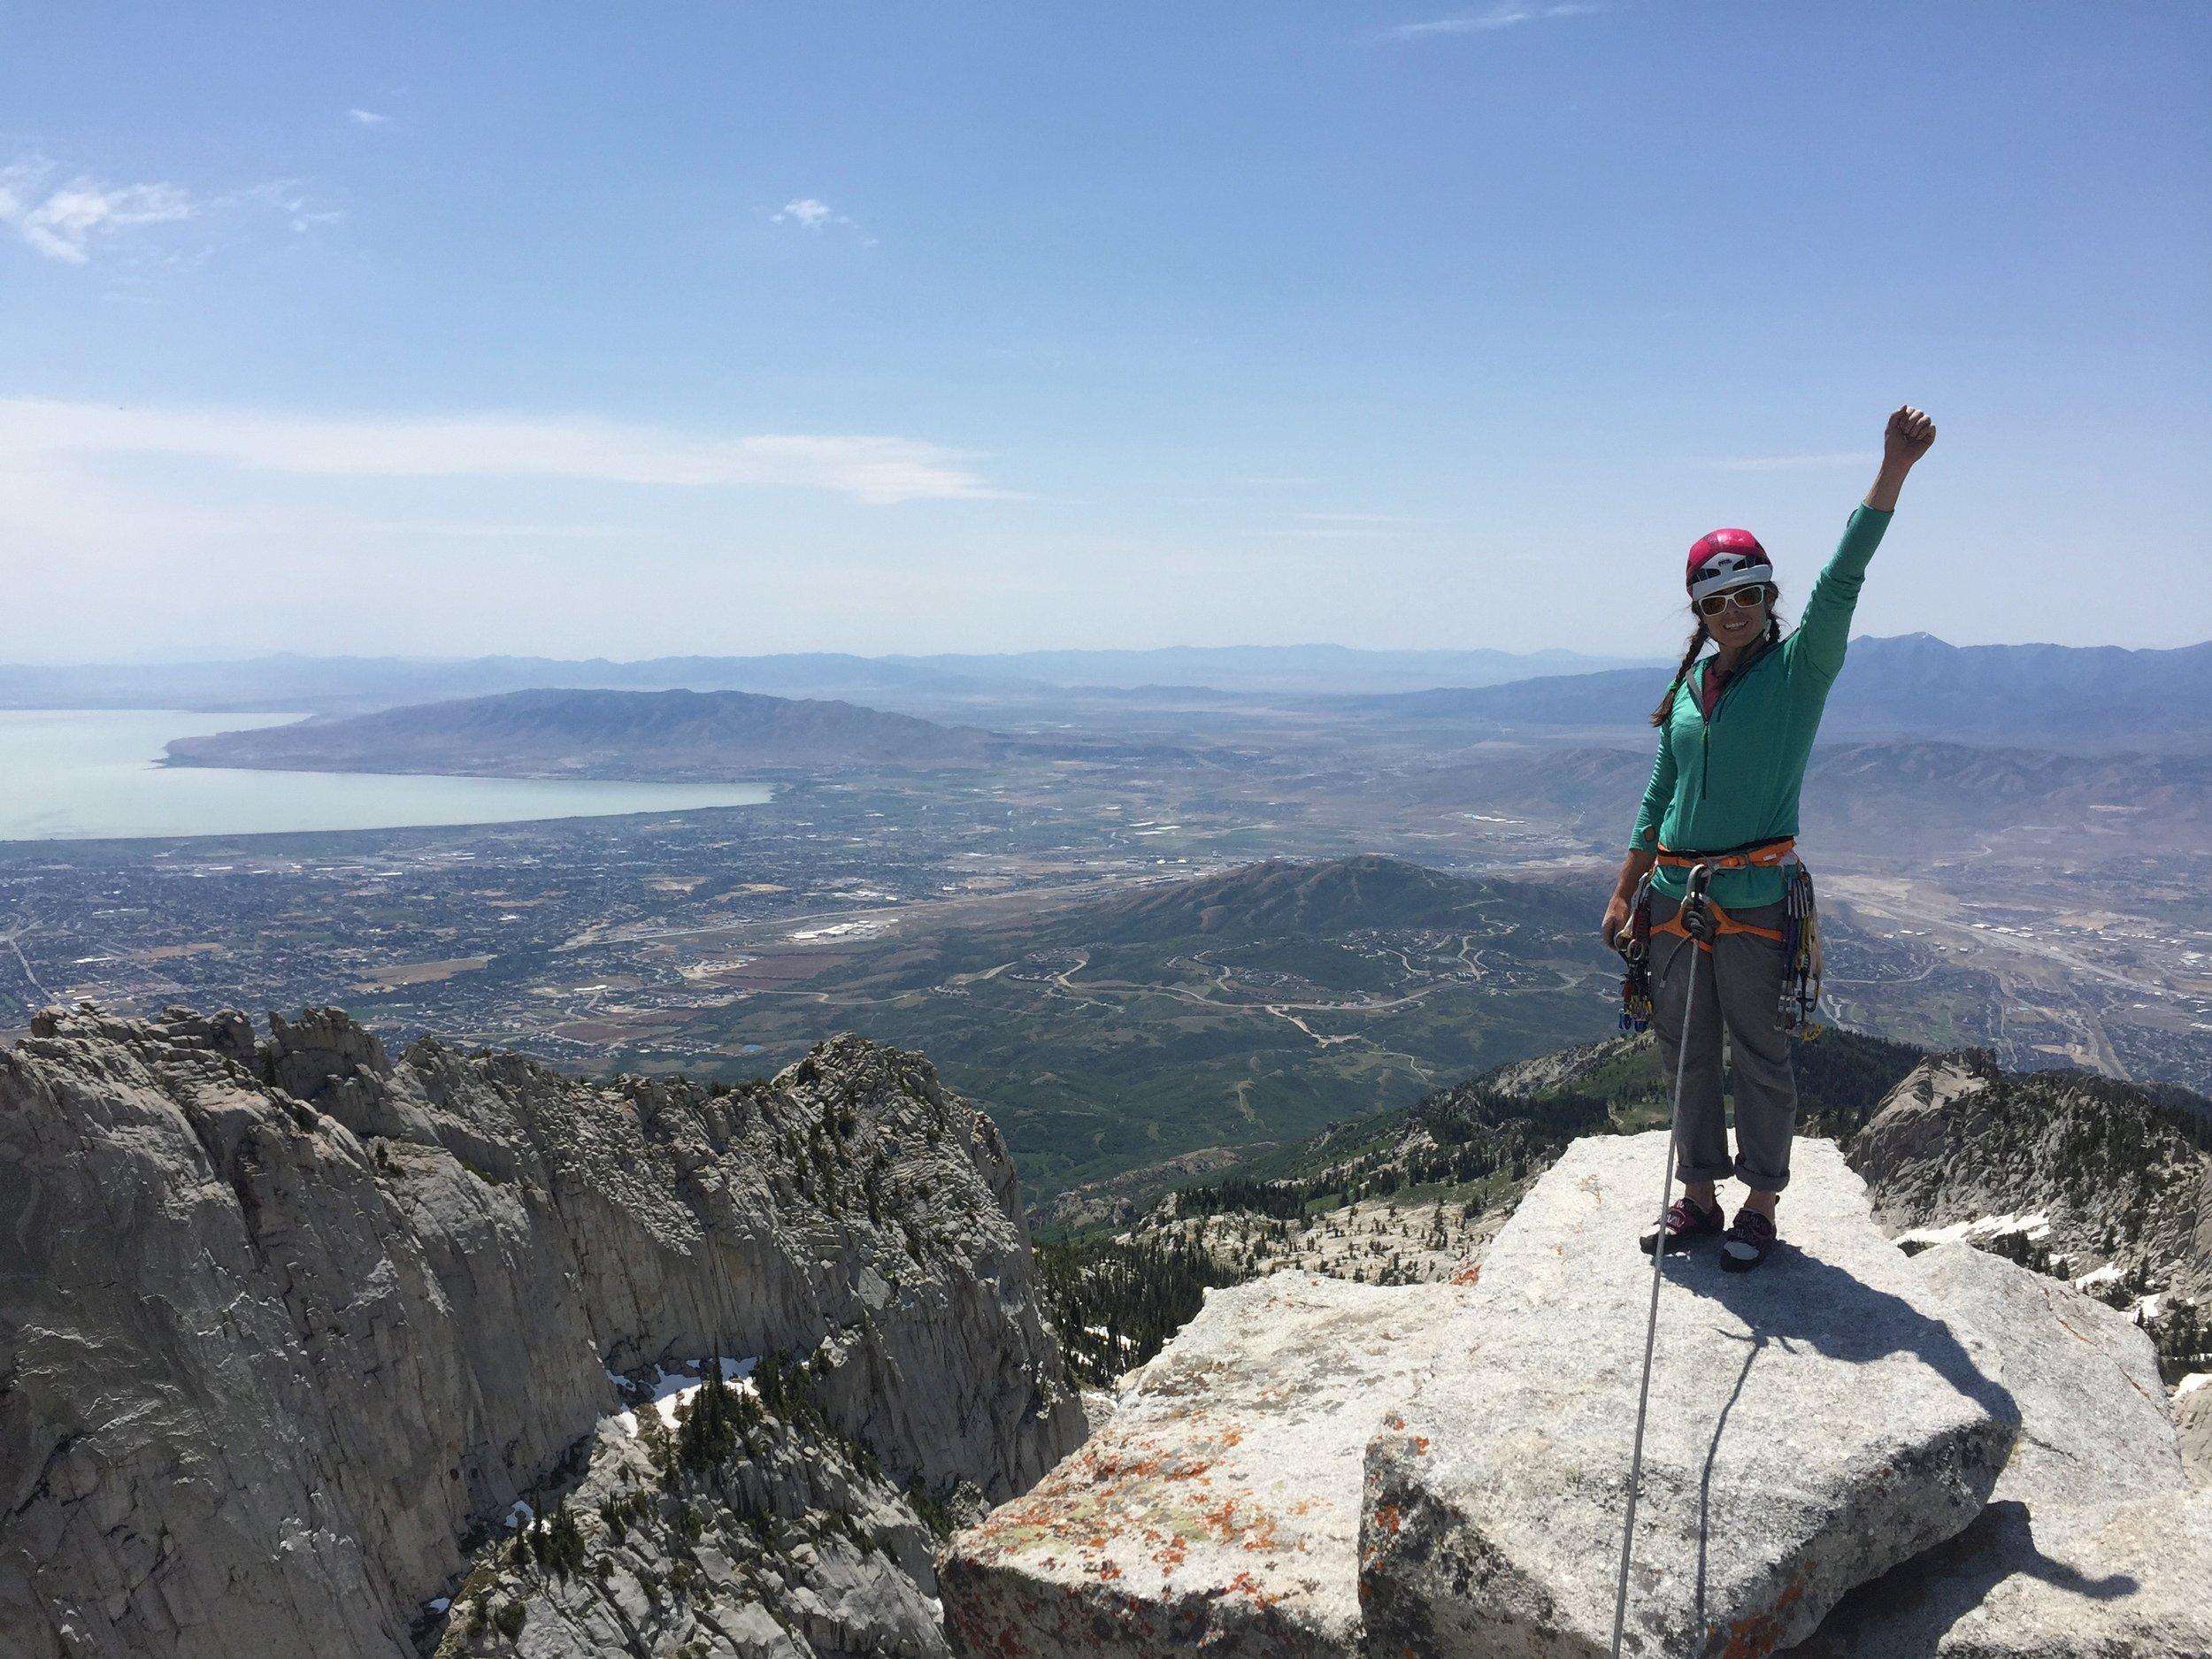 Climber on the summit of Lone Peak, Utah